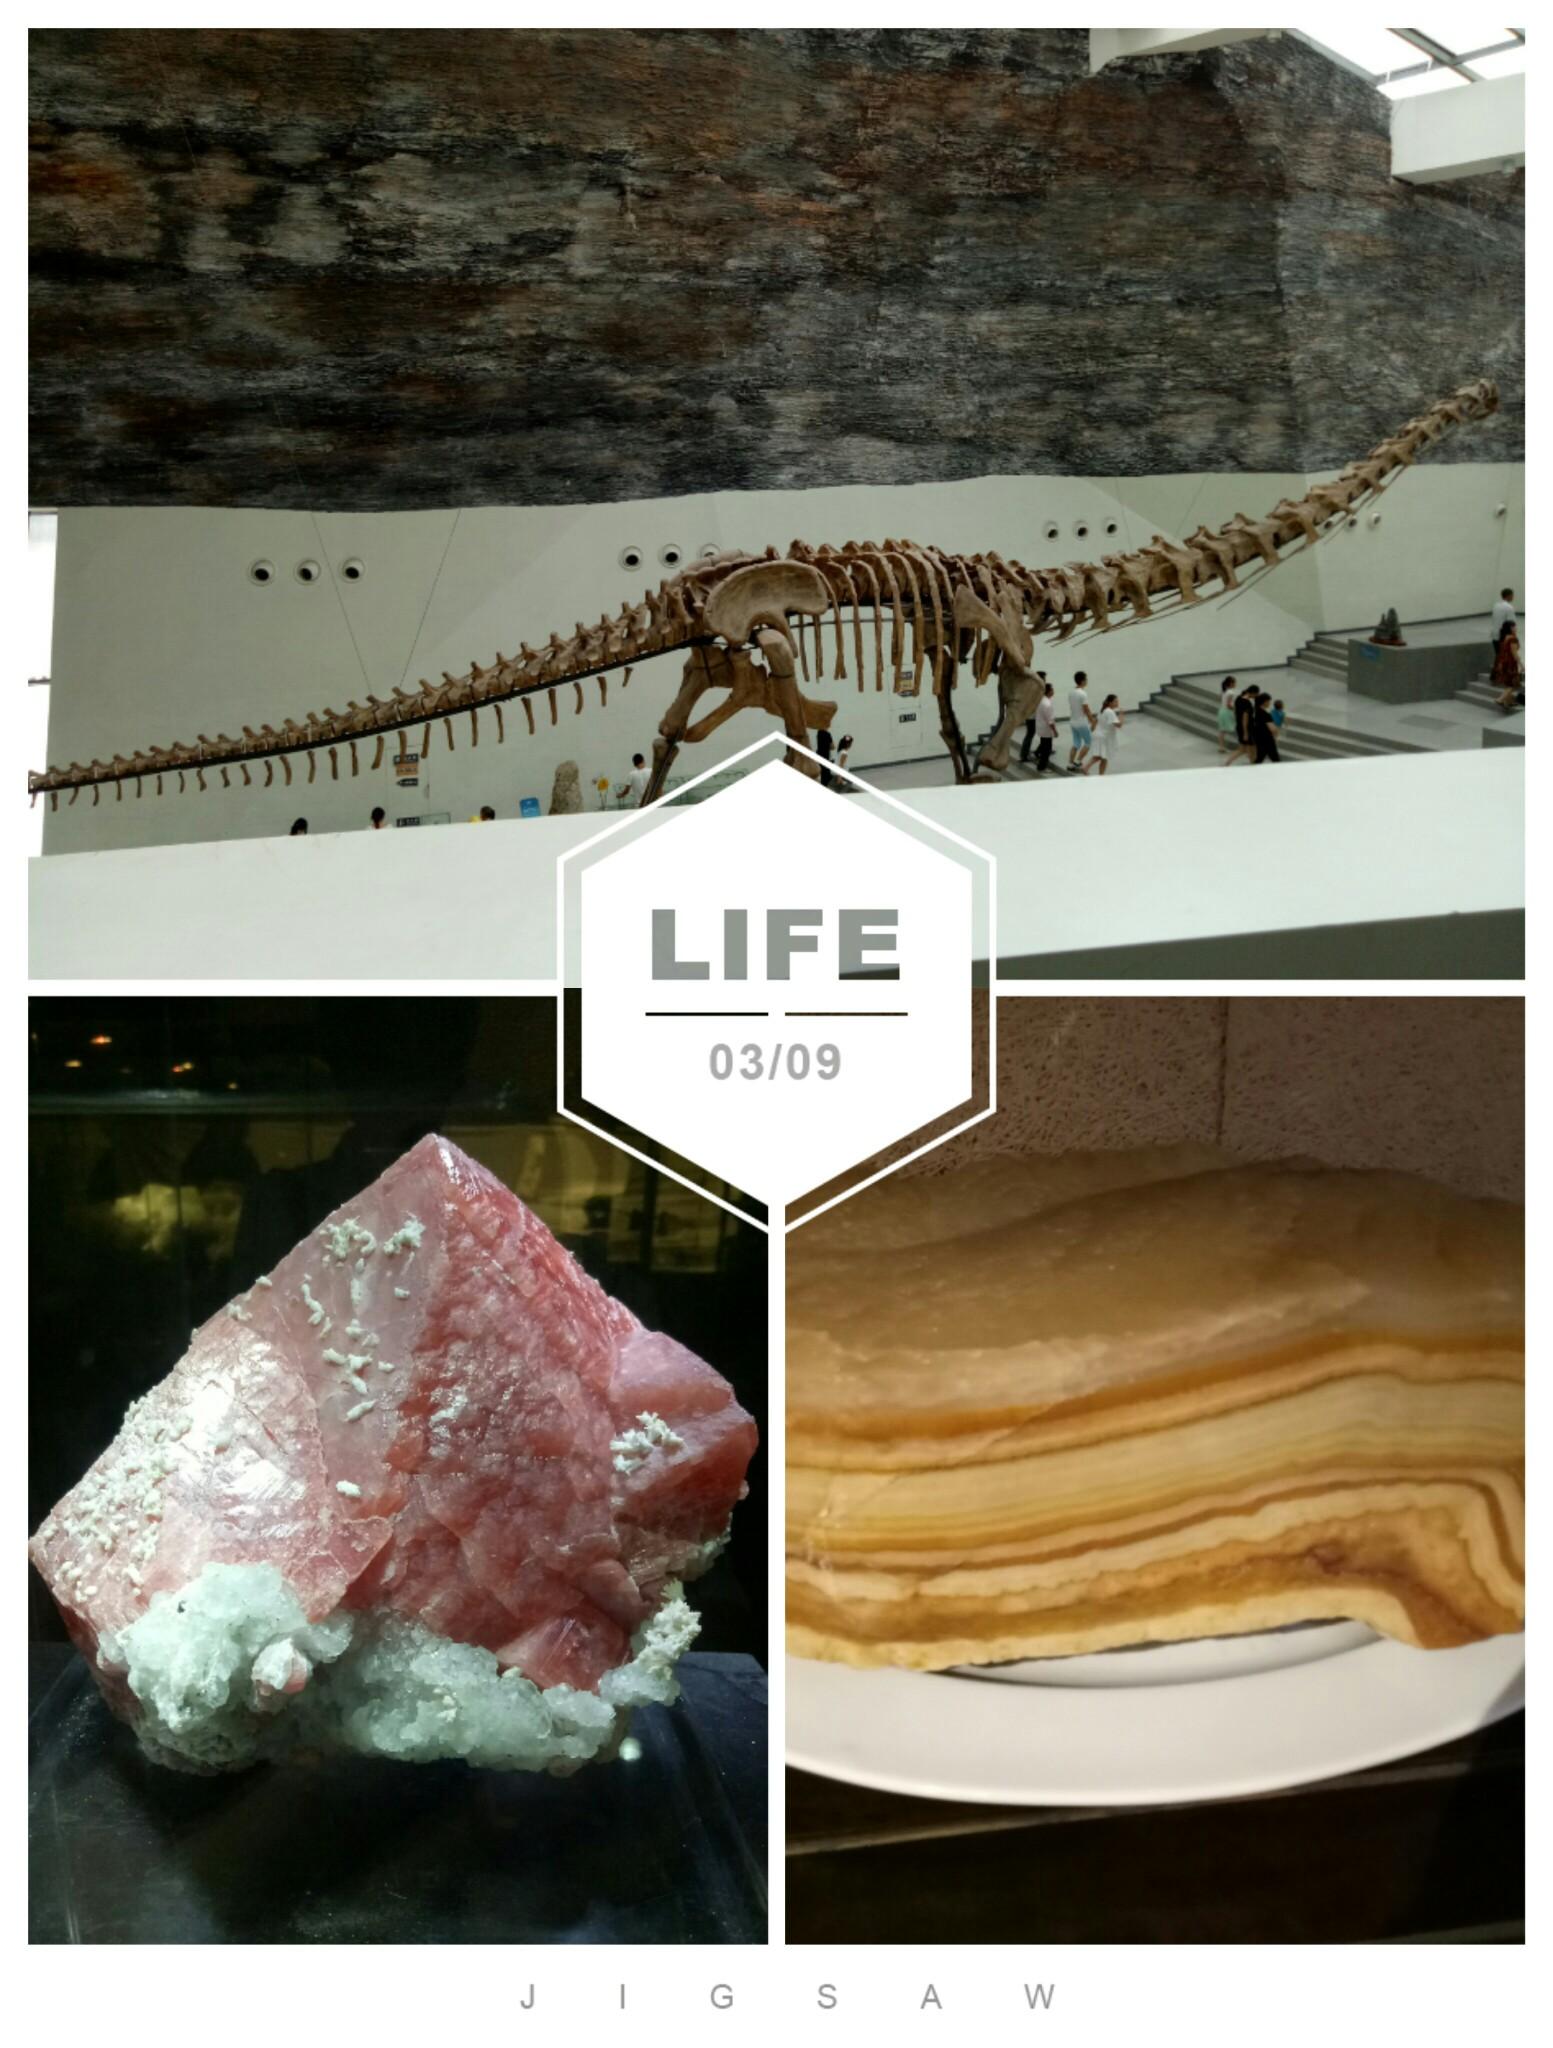 中华赏石园恐龙化石,下面的西瓜和五花肉可不能吃,不 帖子 OPPO